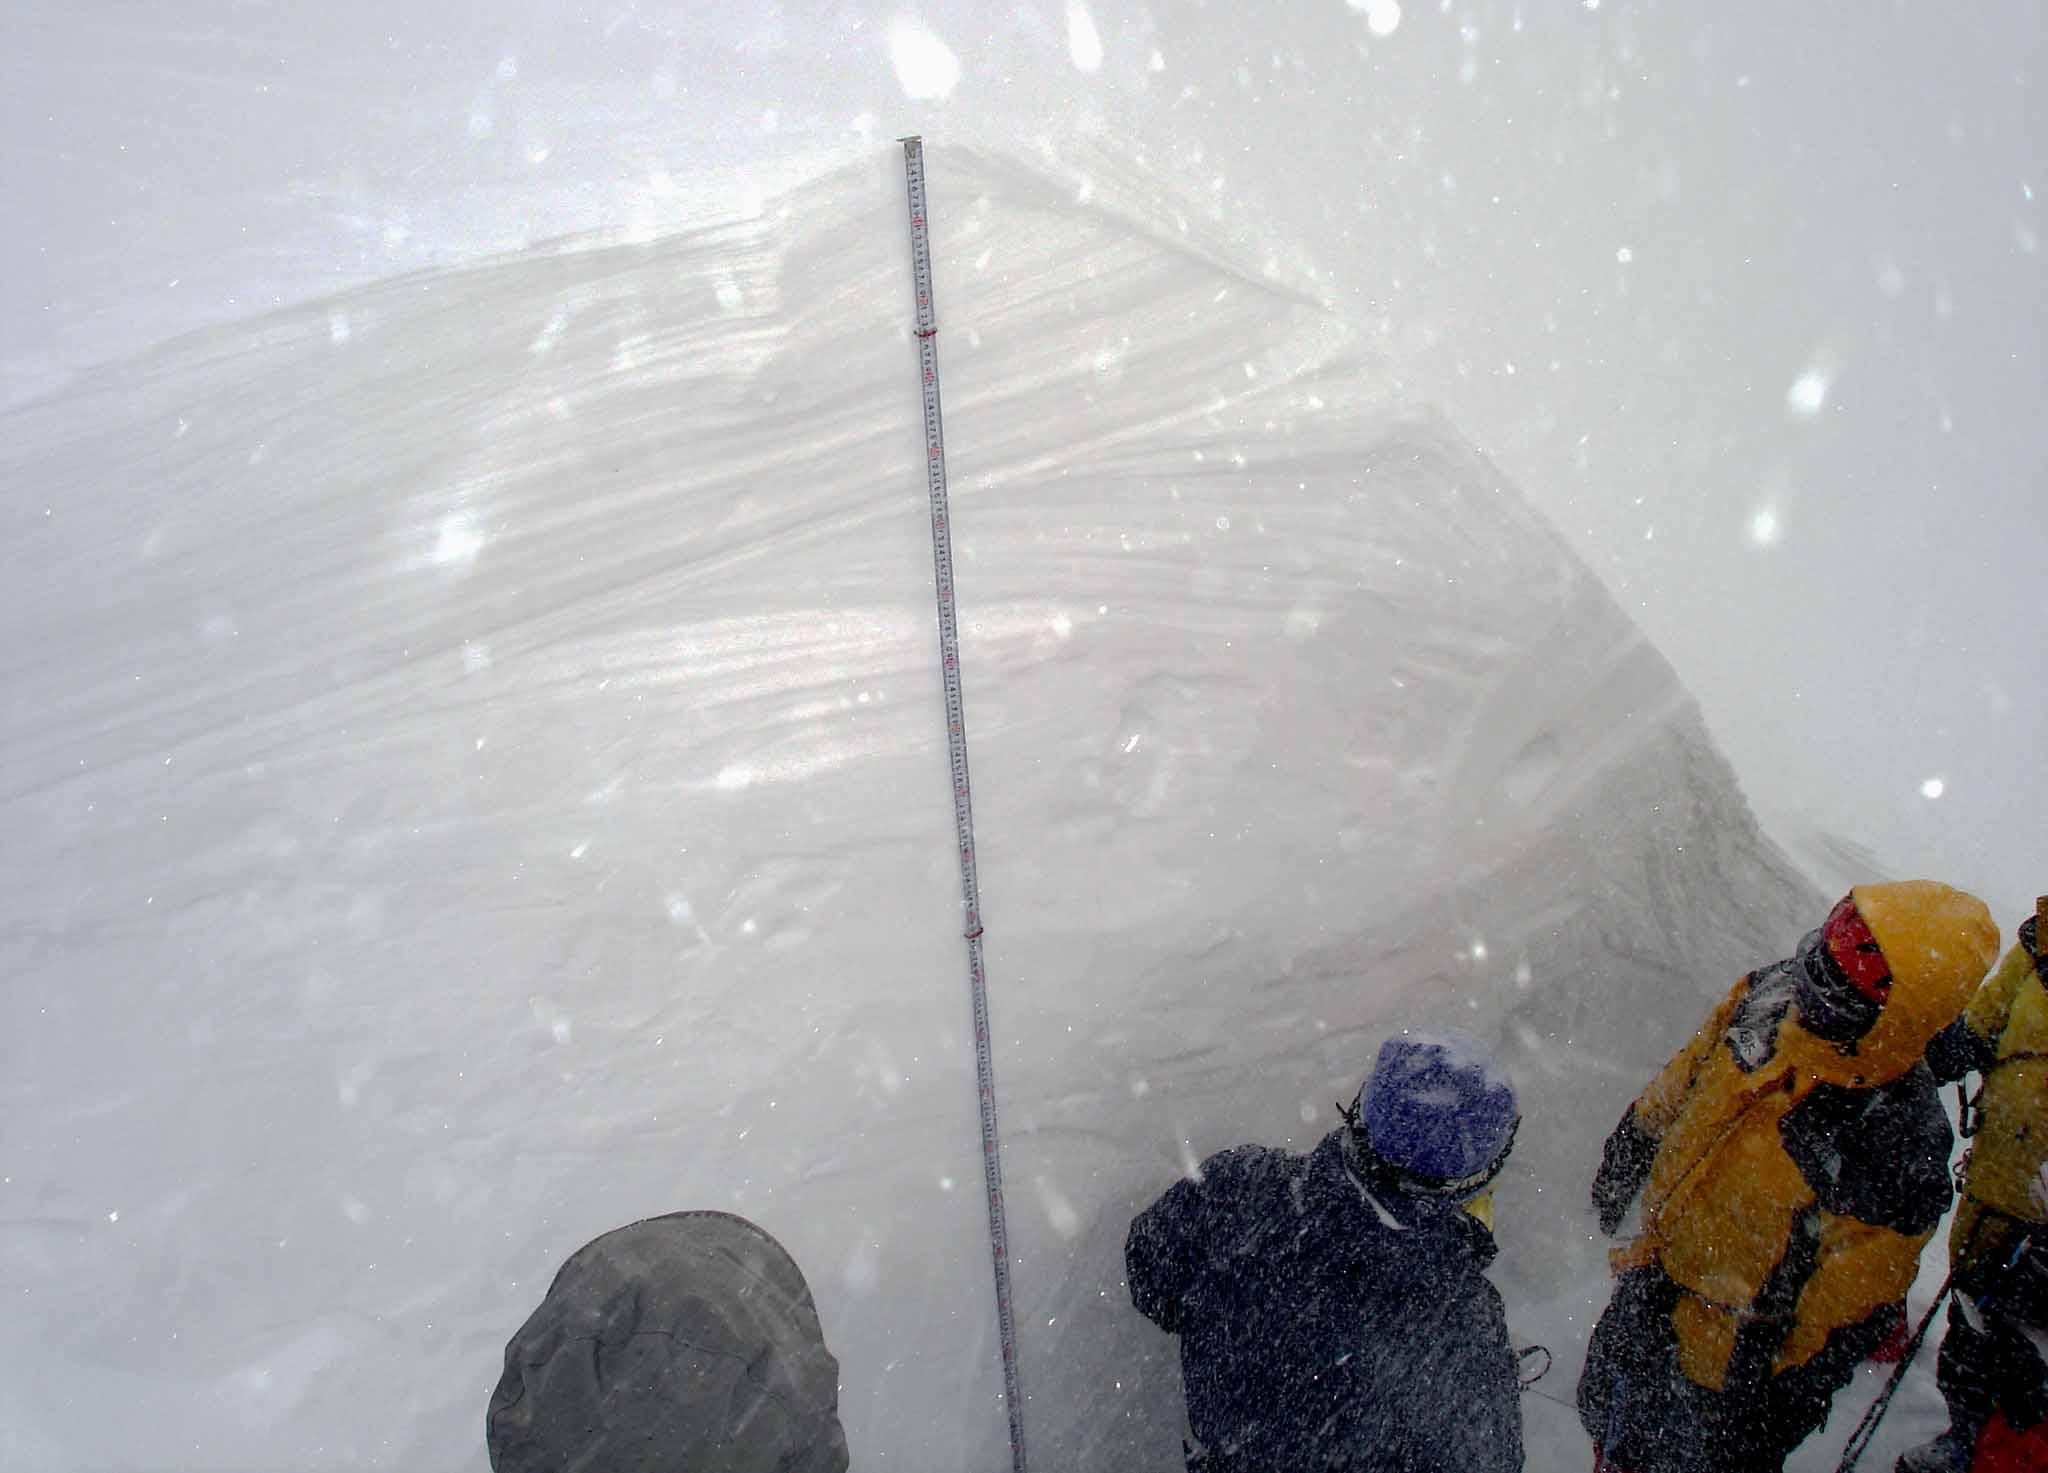 雪庇観察(今年の雪庇は厚い)